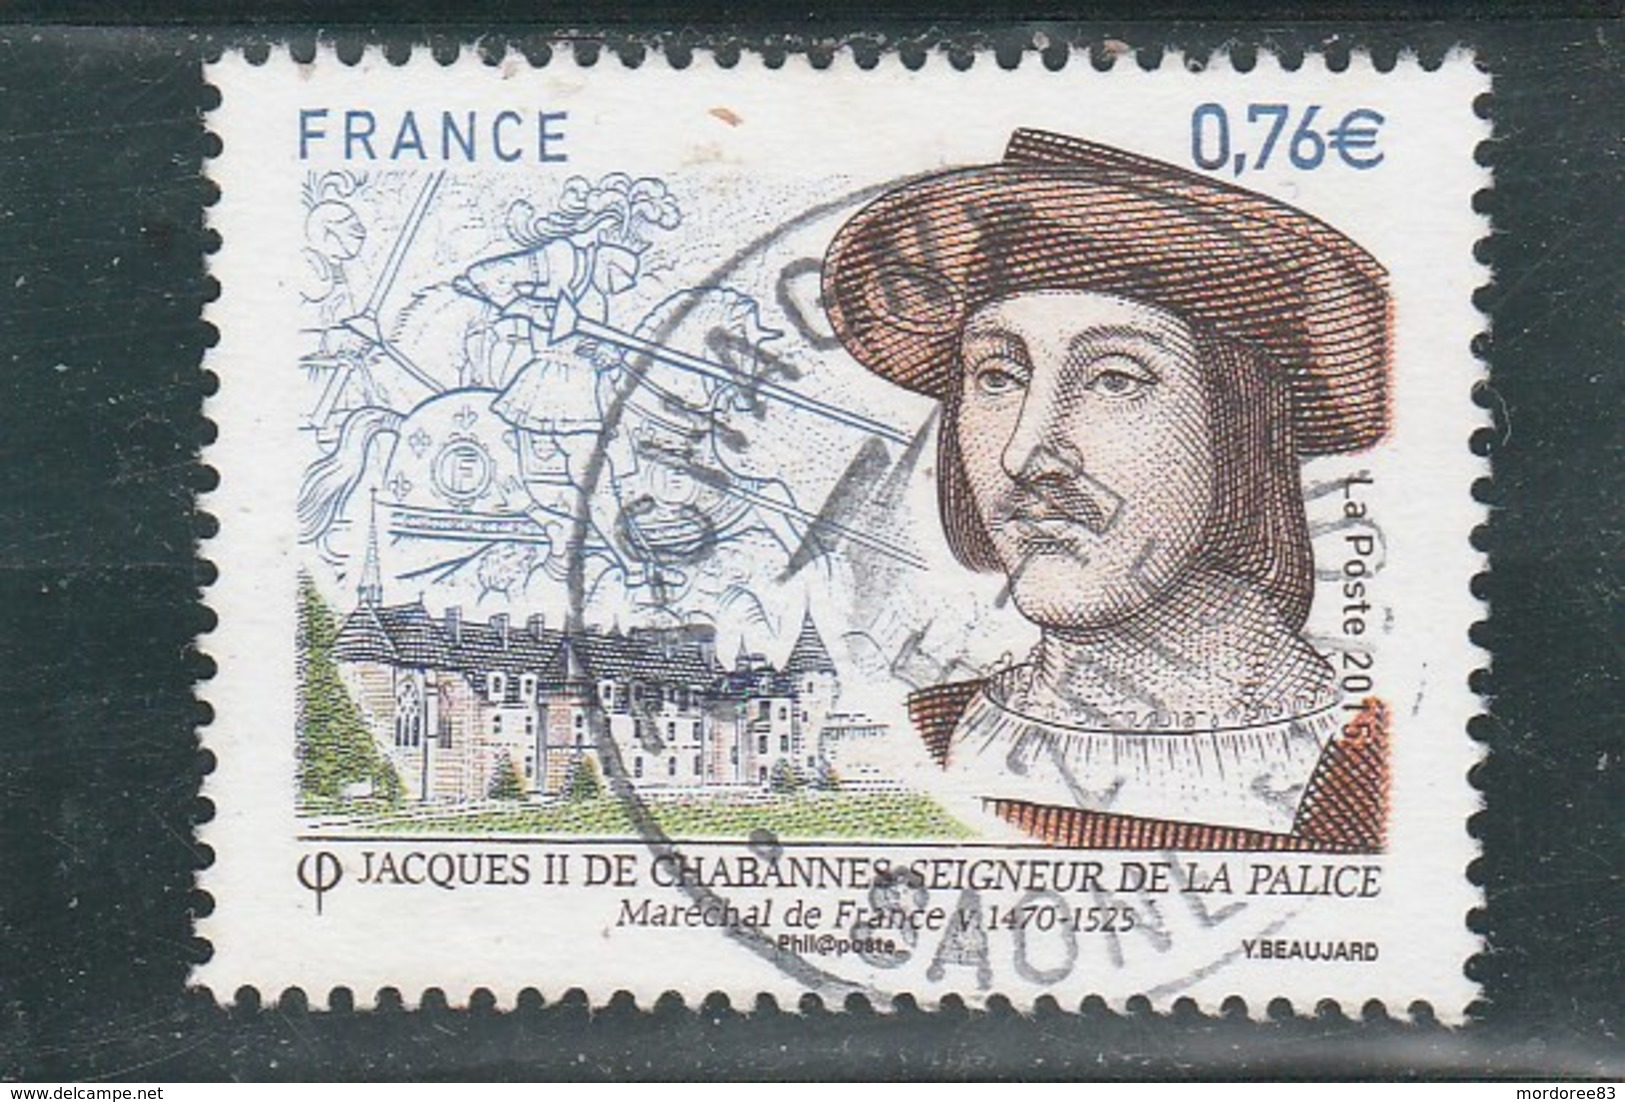 YT 4955 JACQUES II DE CHABANNES 2015 OBLITERE A DATE - France